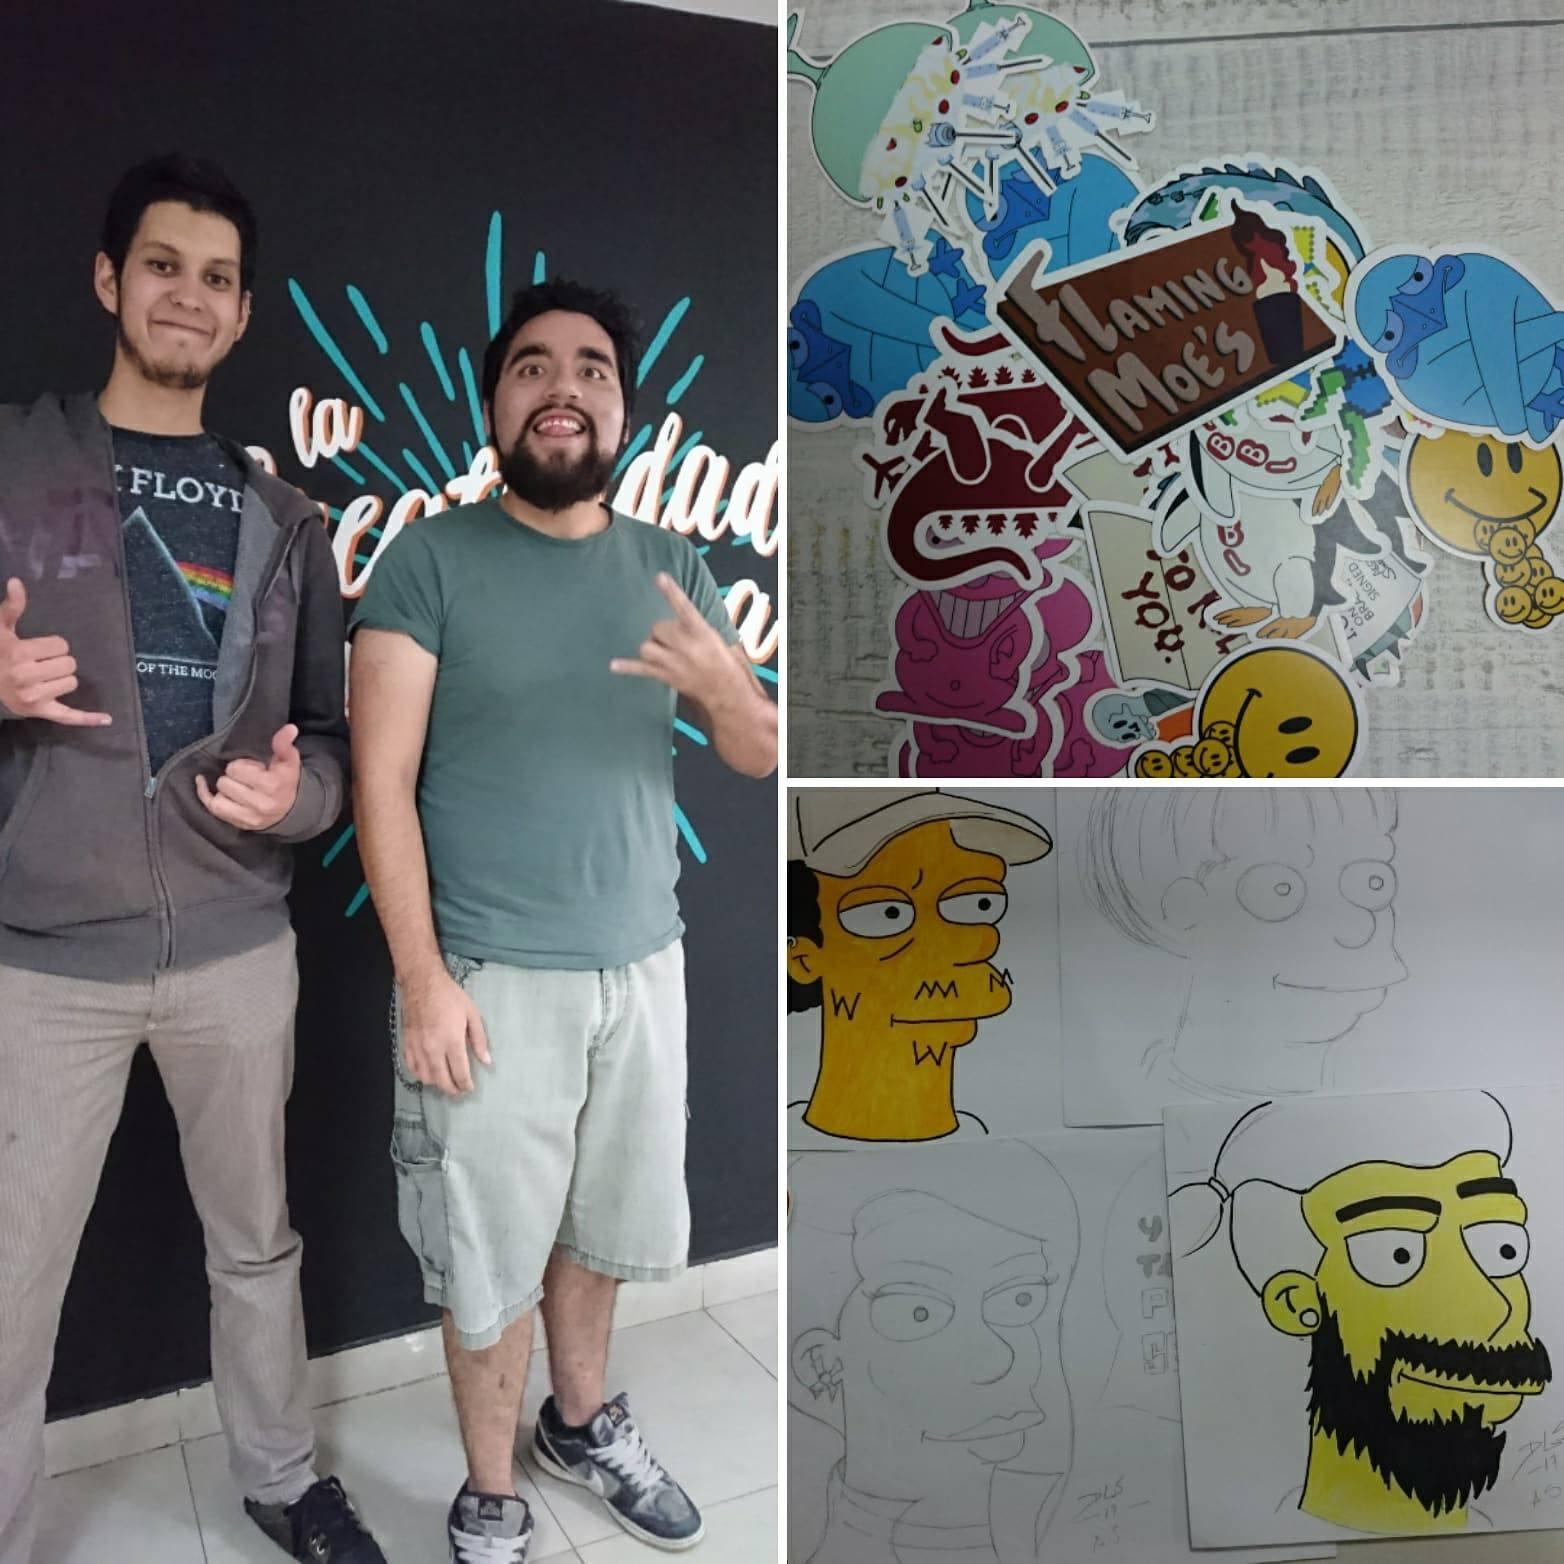 Los productos que ofrece Acción Simpsoniana son llaveros, stickers, lámparas y, lo más novedoso, es que te convierten en un personaje de Los Simpsons con sus retratos.